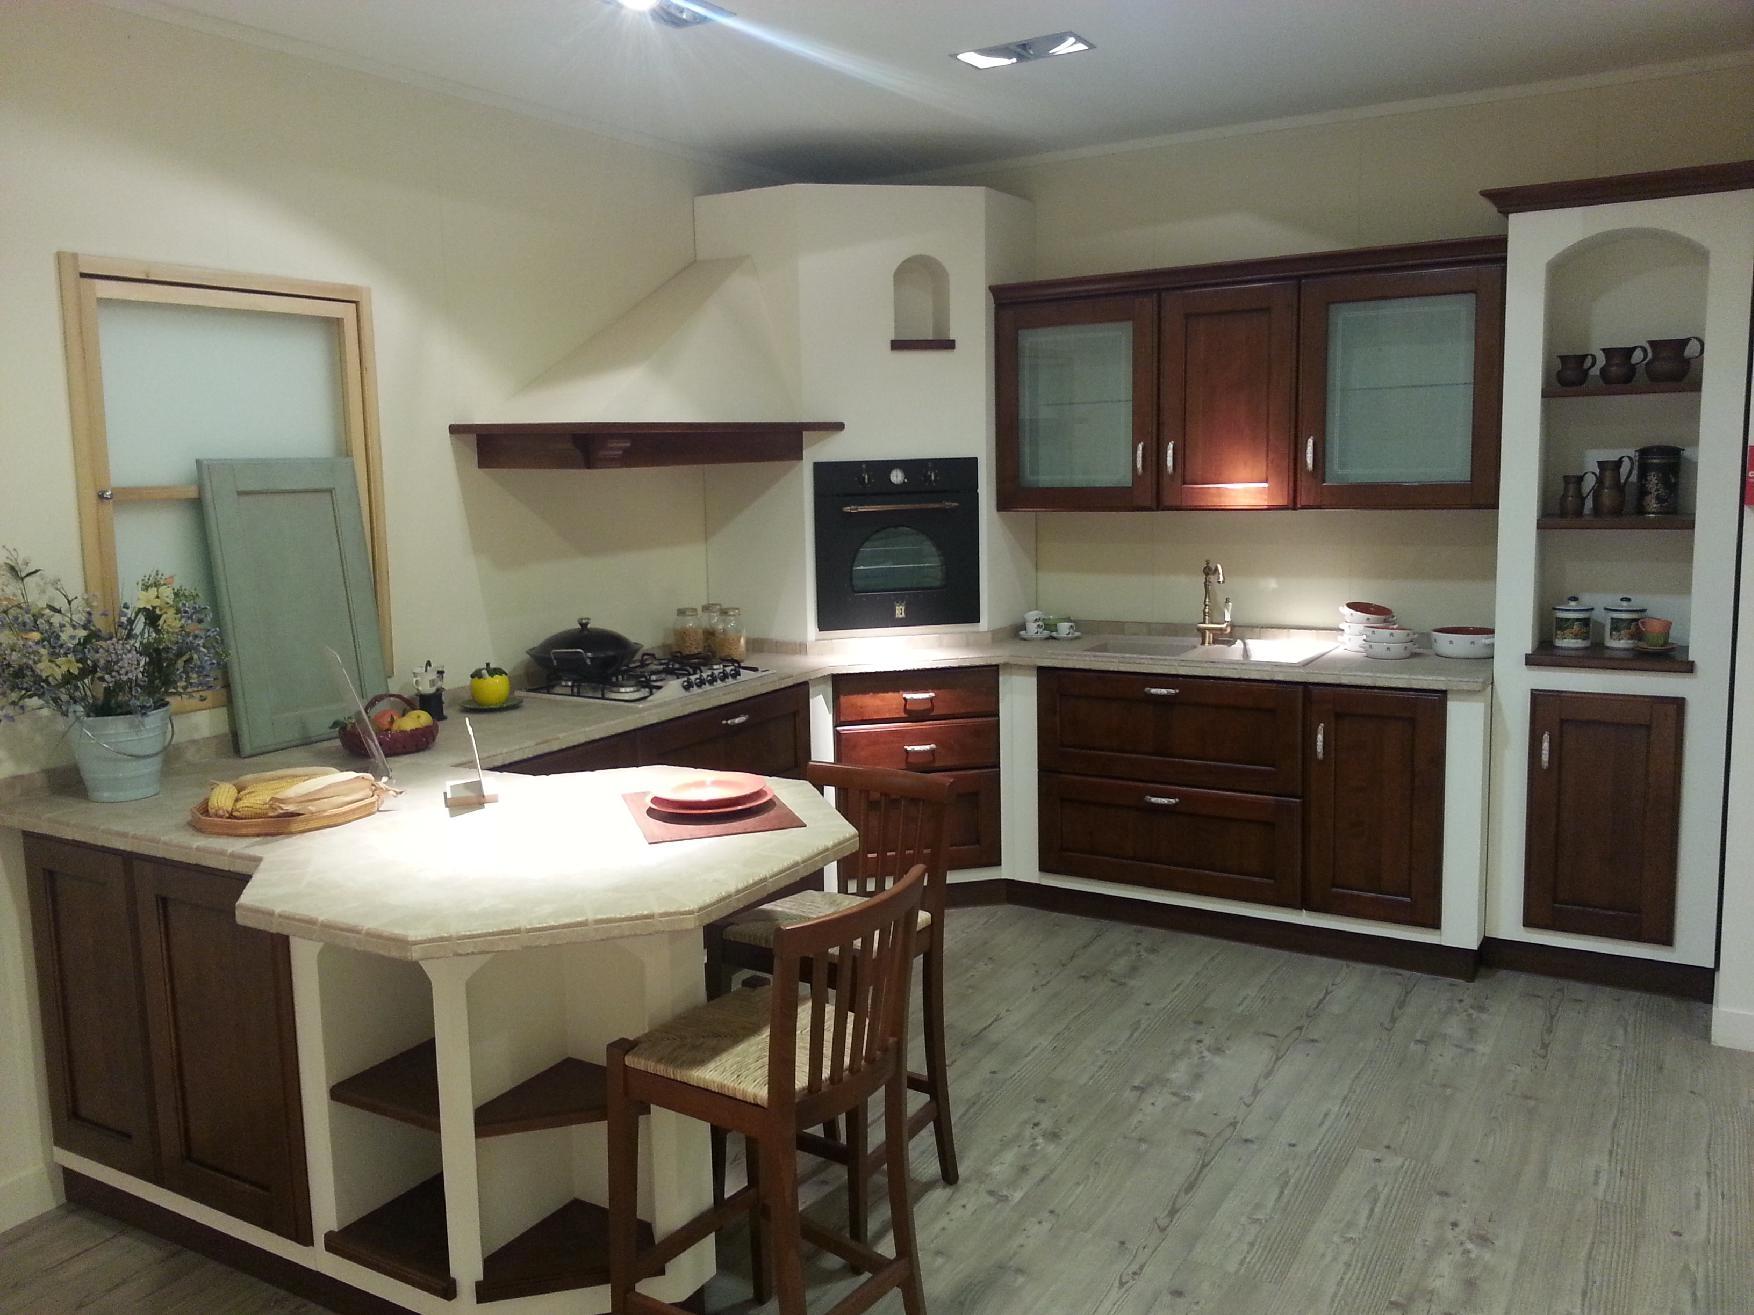 offerta scavolini cora legno 20334 cucine a prezzi scontati